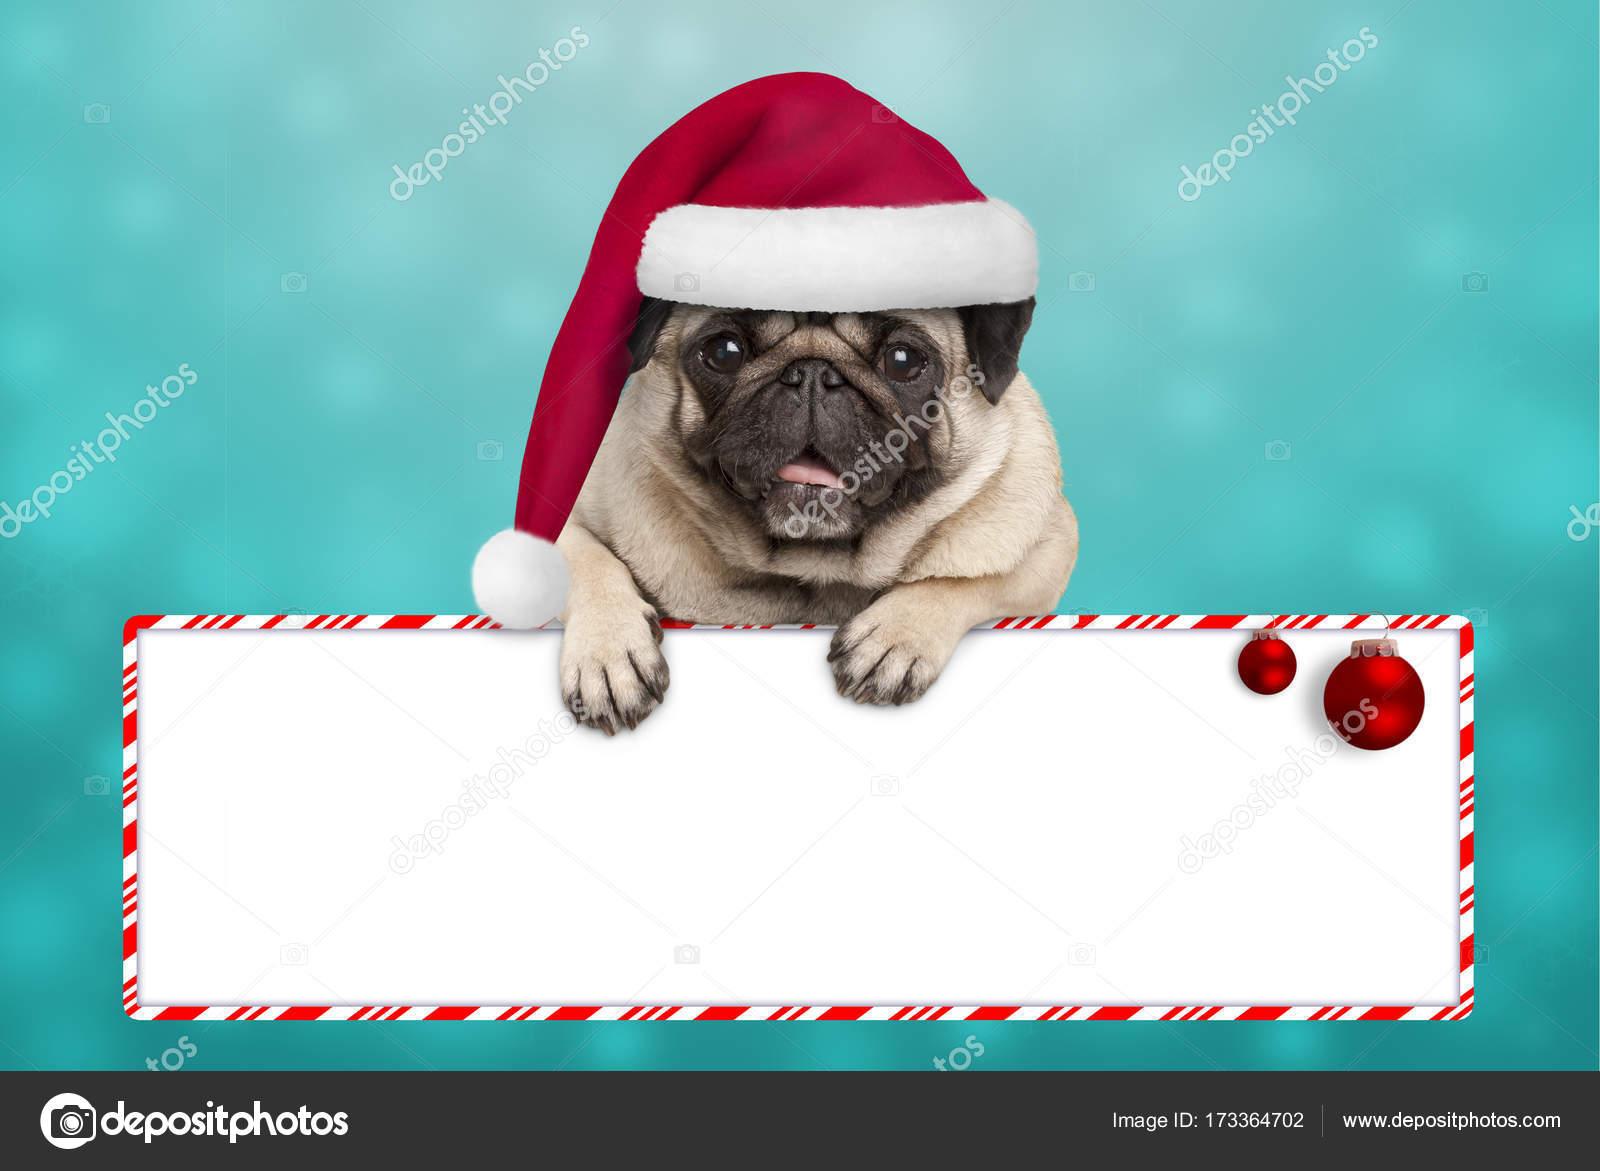 Mops Bilder Weihnachten.Süß Lächelnd Weihnachten Mops Welpen Hund Mit Weihnachtsmütze